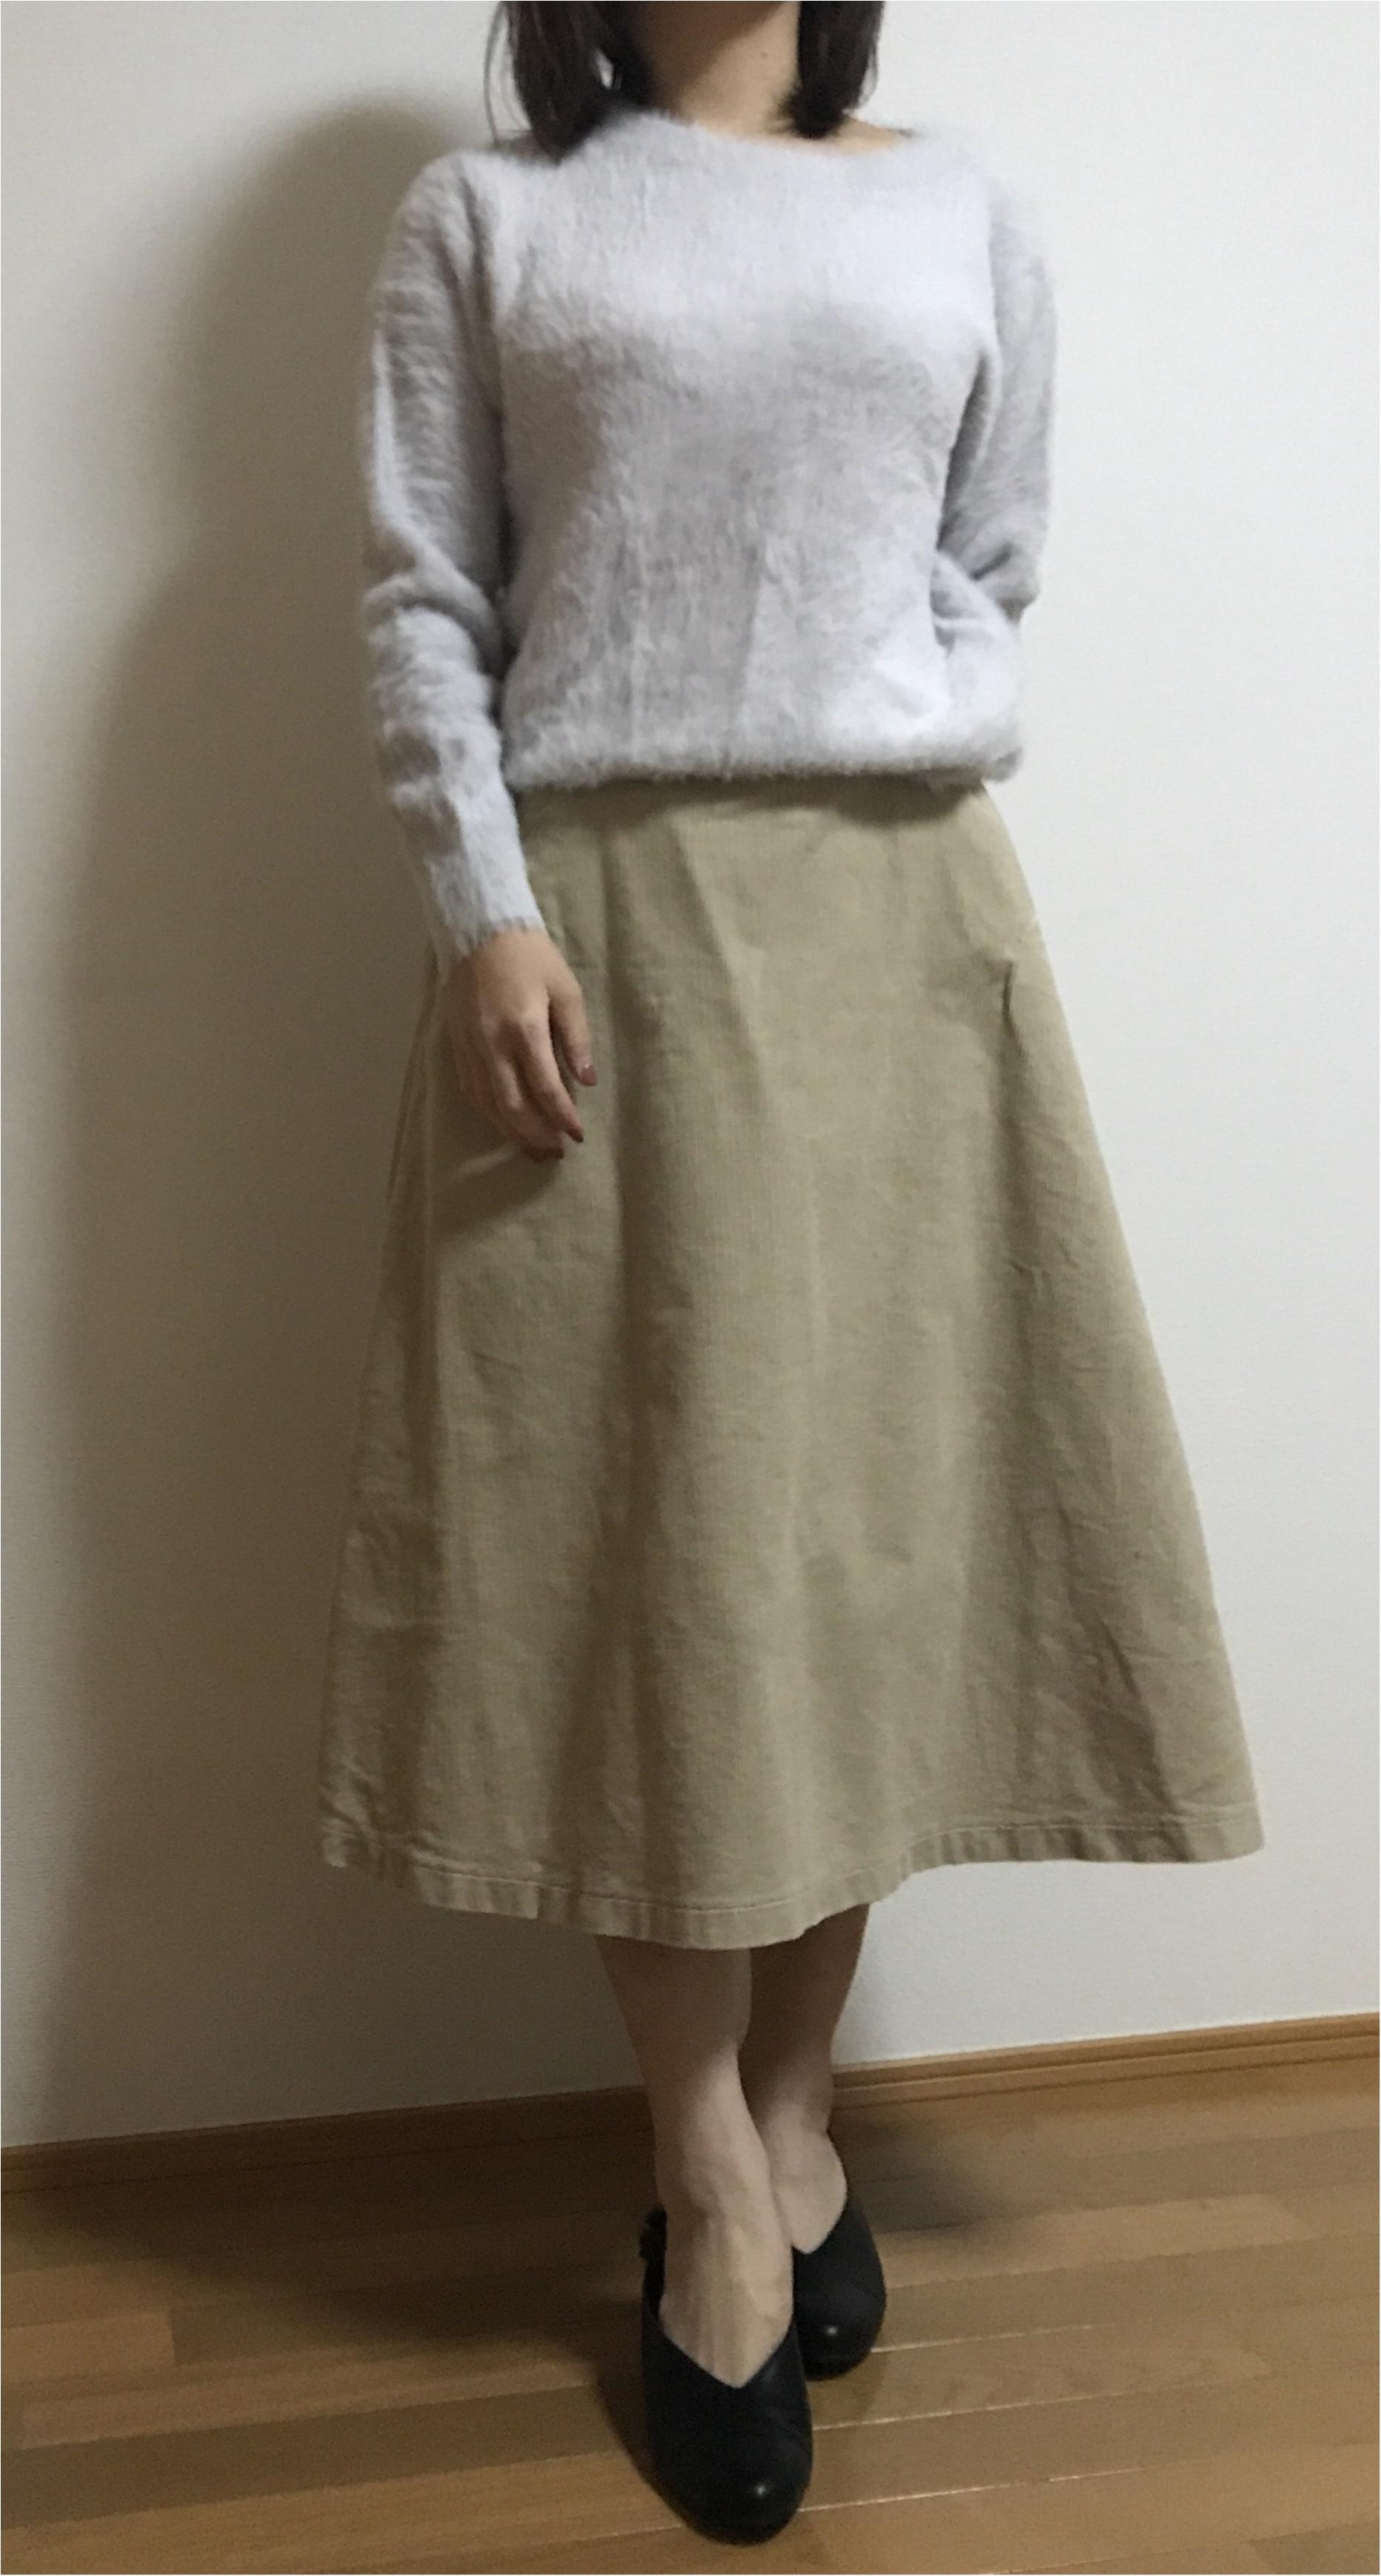 【ユニクロ】買ってよかった!まだまだ使える冬アイテム♡♡《コーデュロイスカート×ニット》の最強コーデを組んでみました❤︎_3